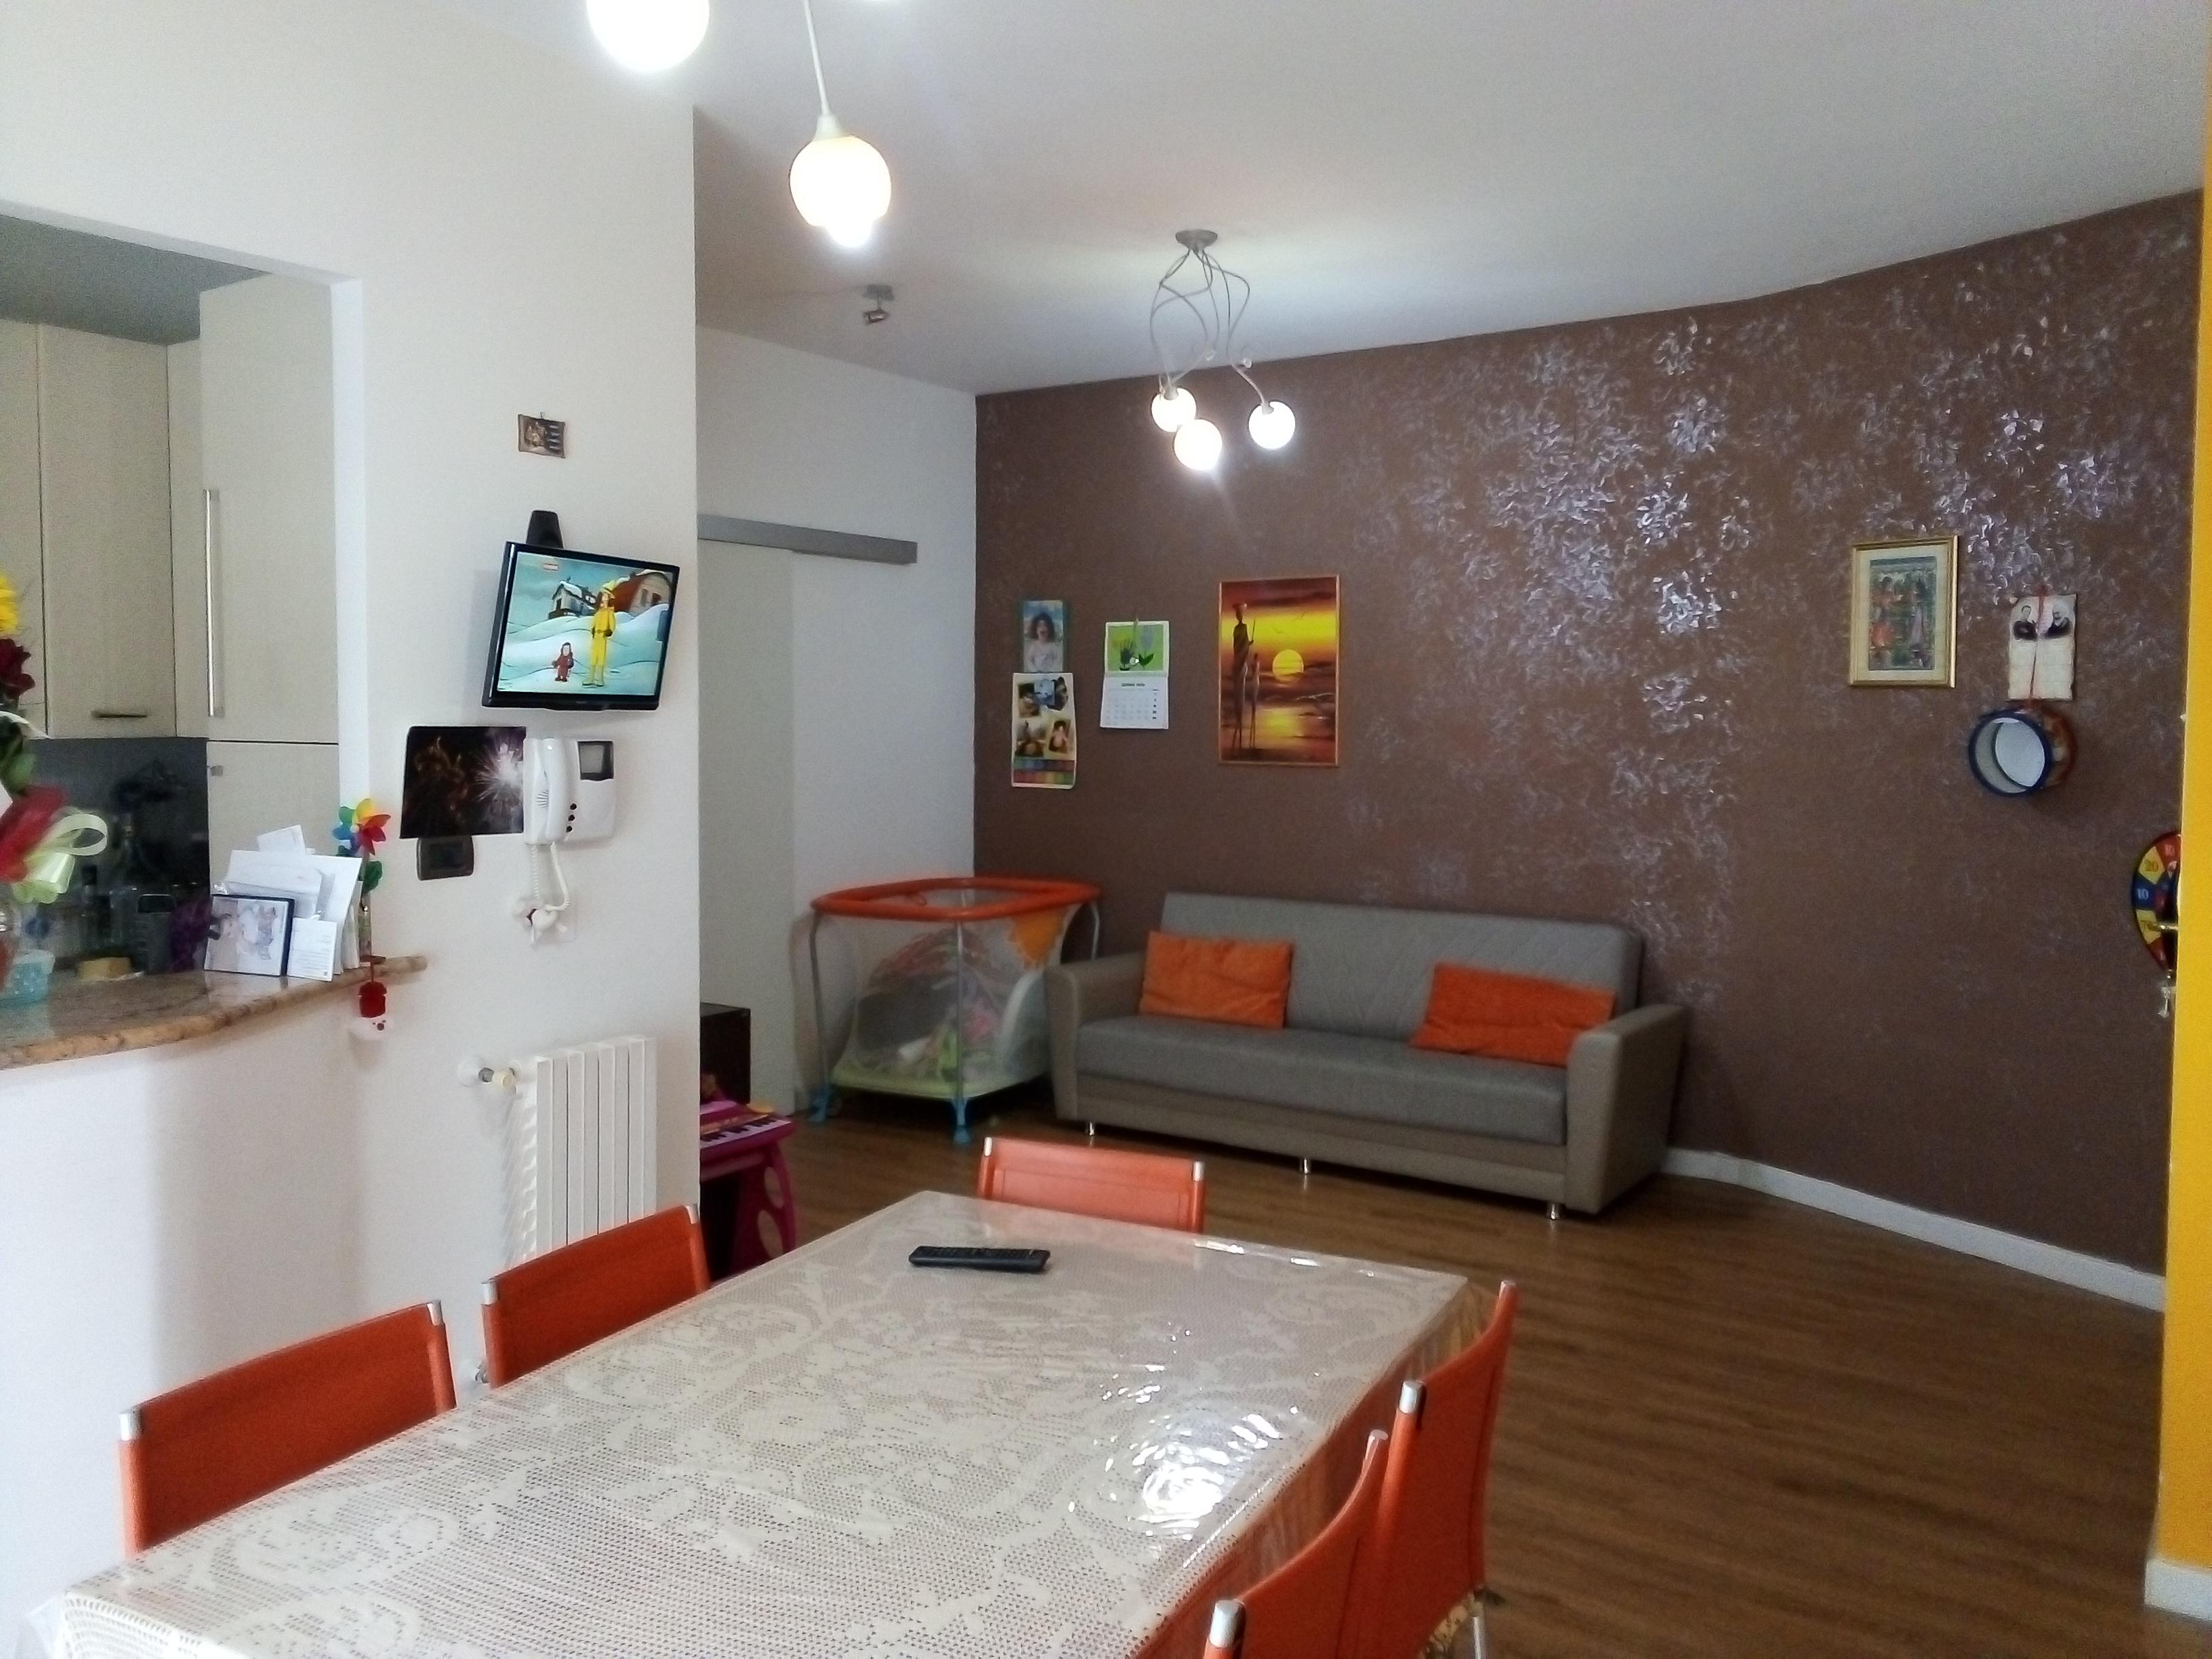 Appartamenti in vendita a Foggia- Via Marinaccio 3 vani accessori